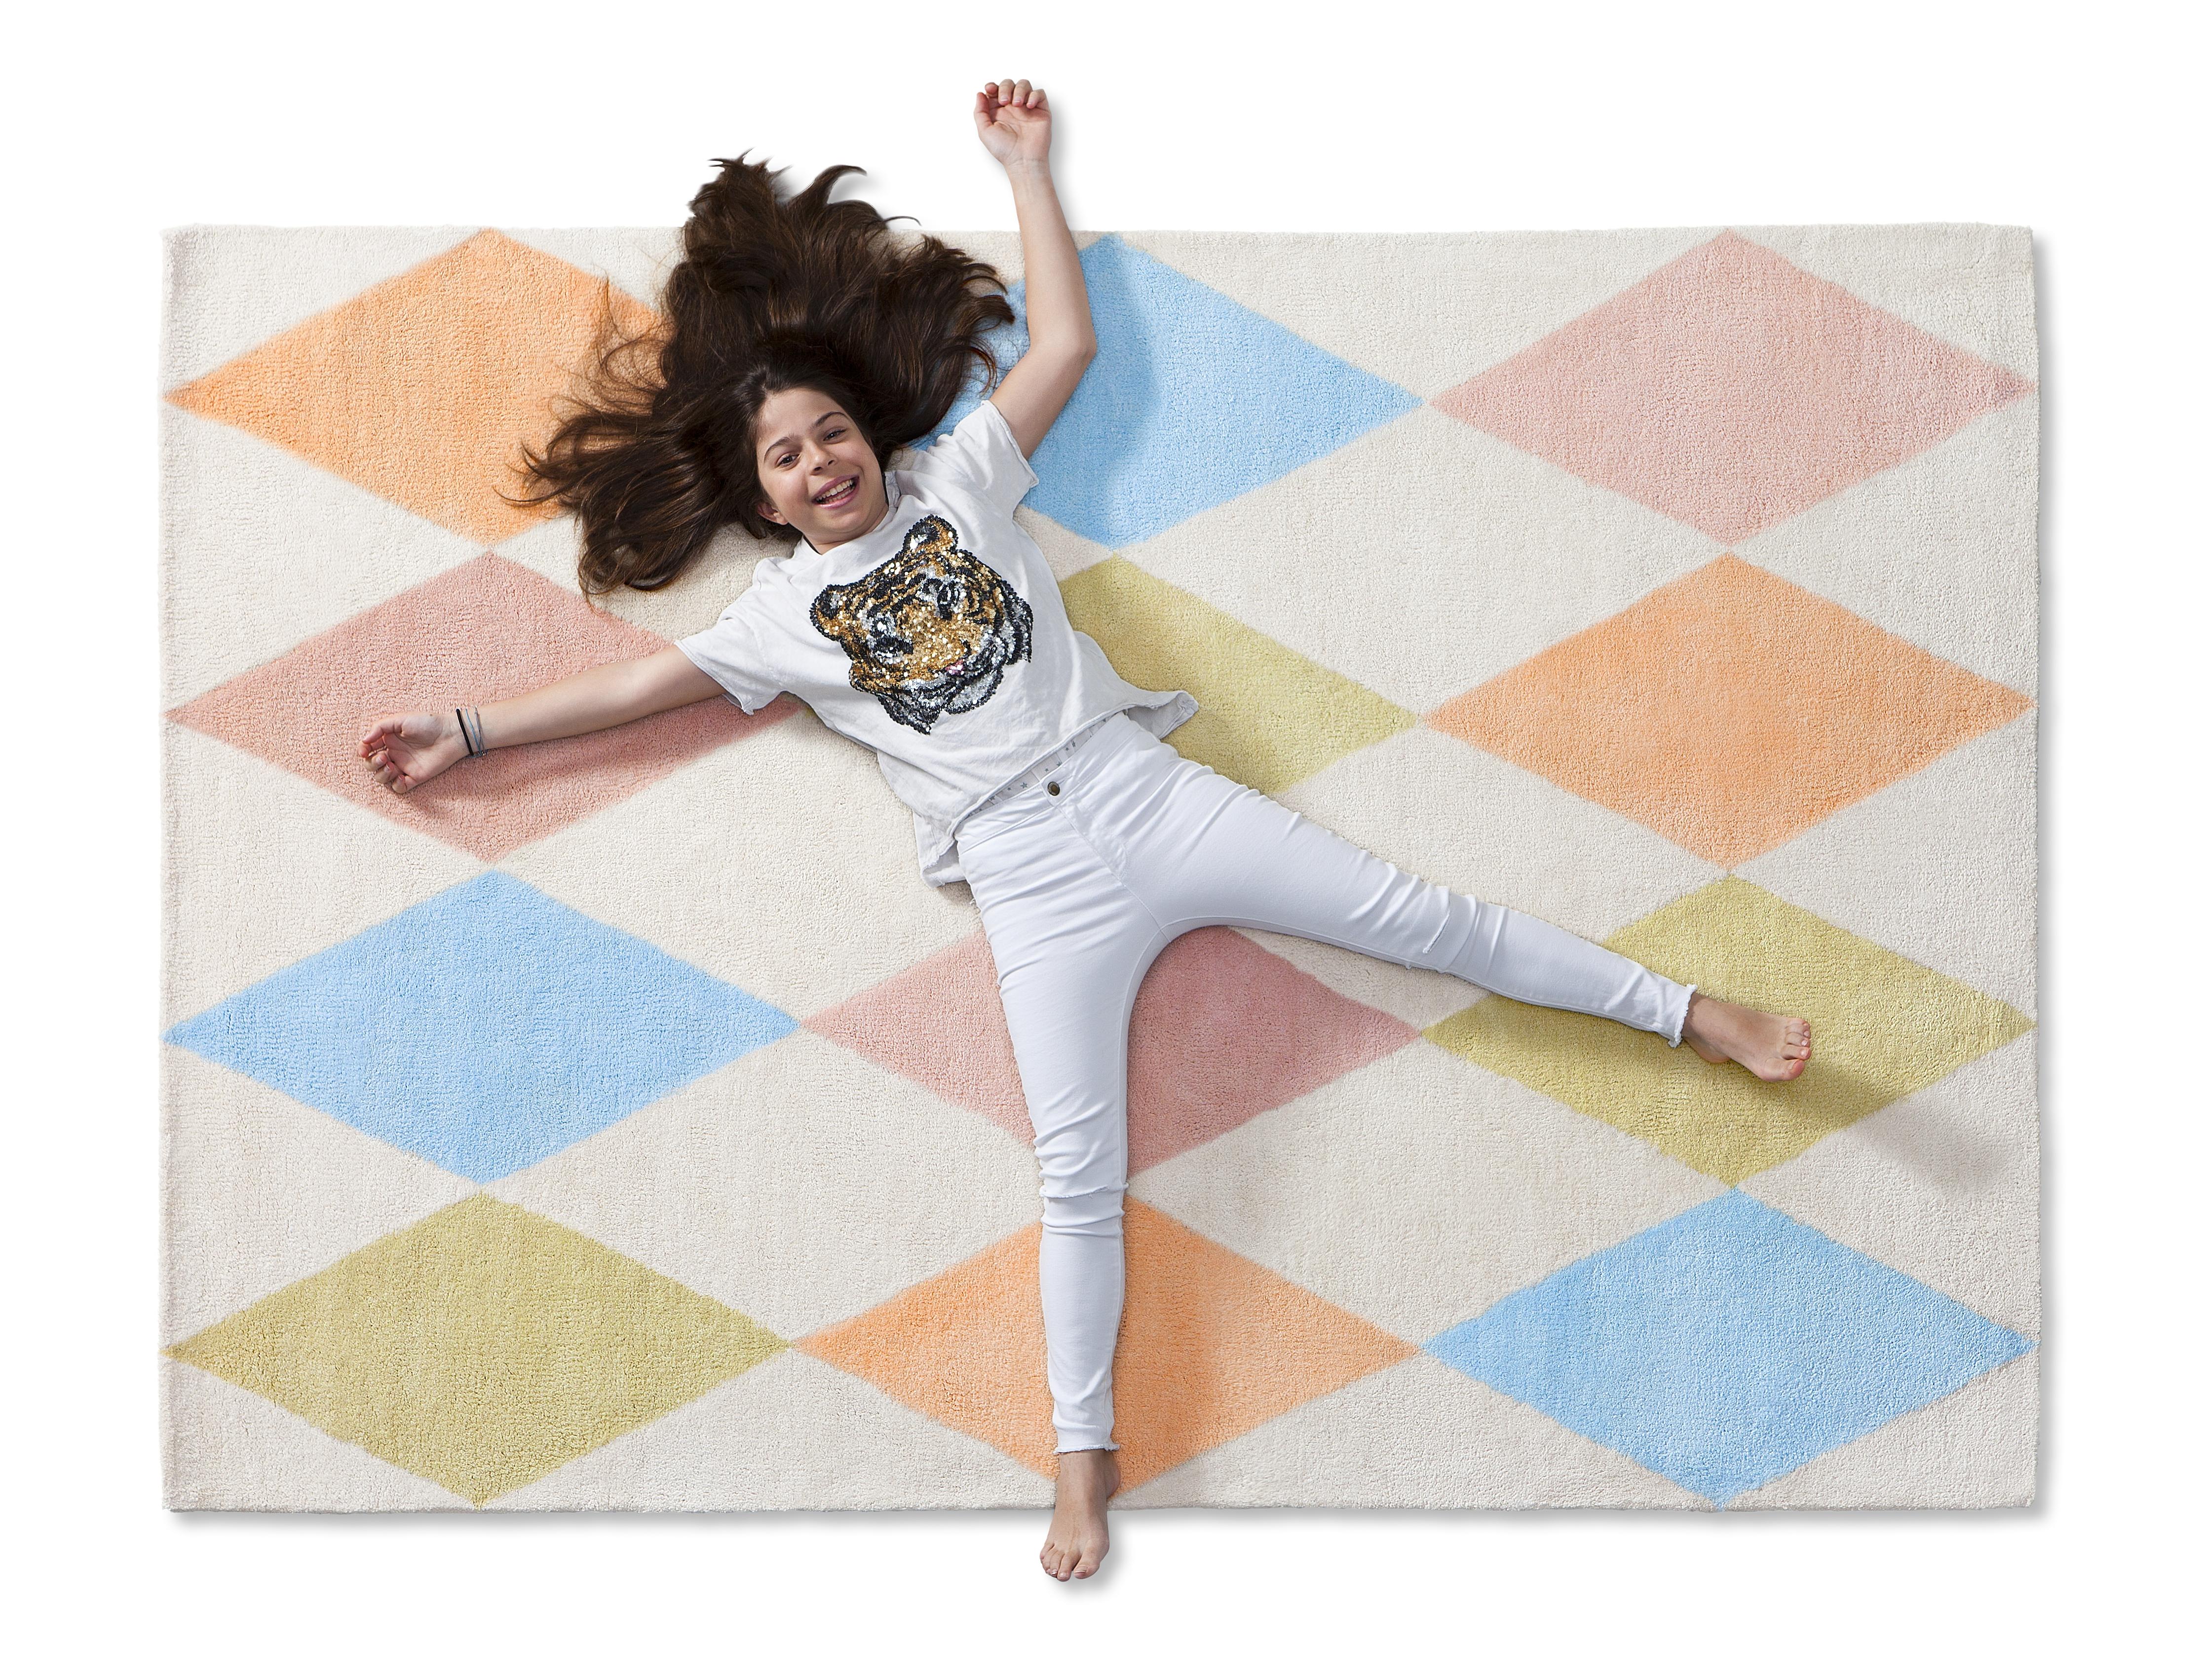 1_Měkký akrylový koberec Cirkus značky Asoral_130x170cm_foto Viabel_repro zdarma